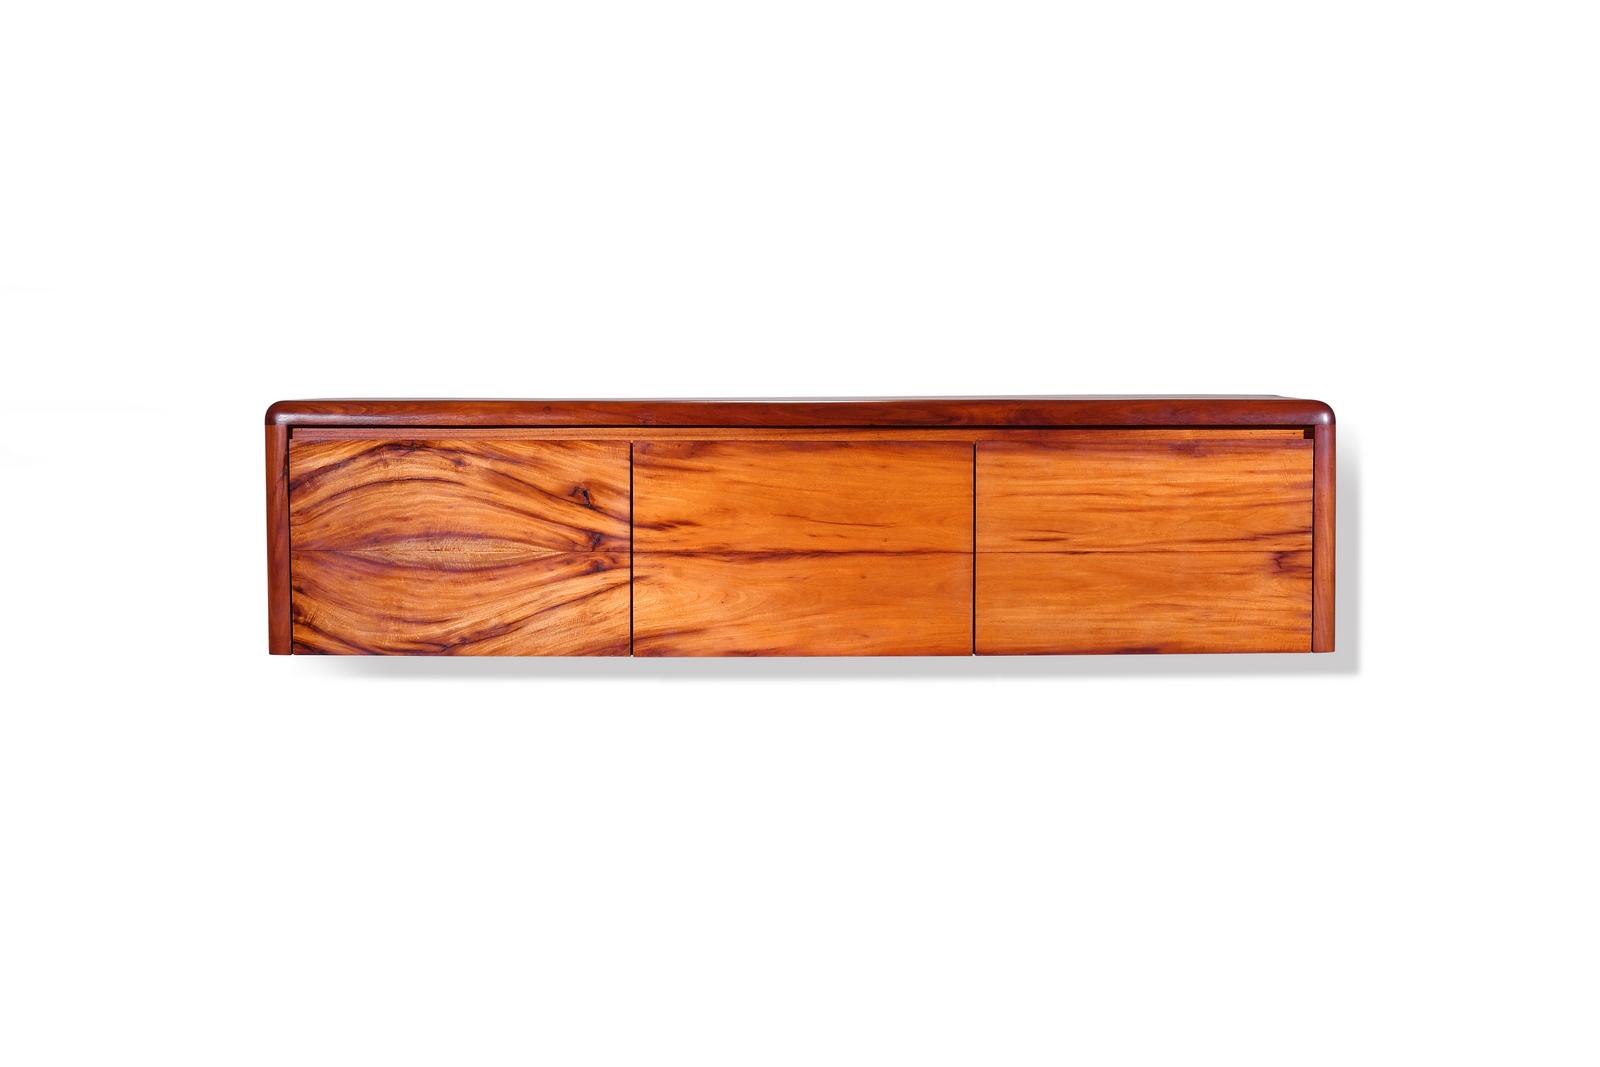 PTendercool-Hanging Cabinet-RD-DO-210809-01v